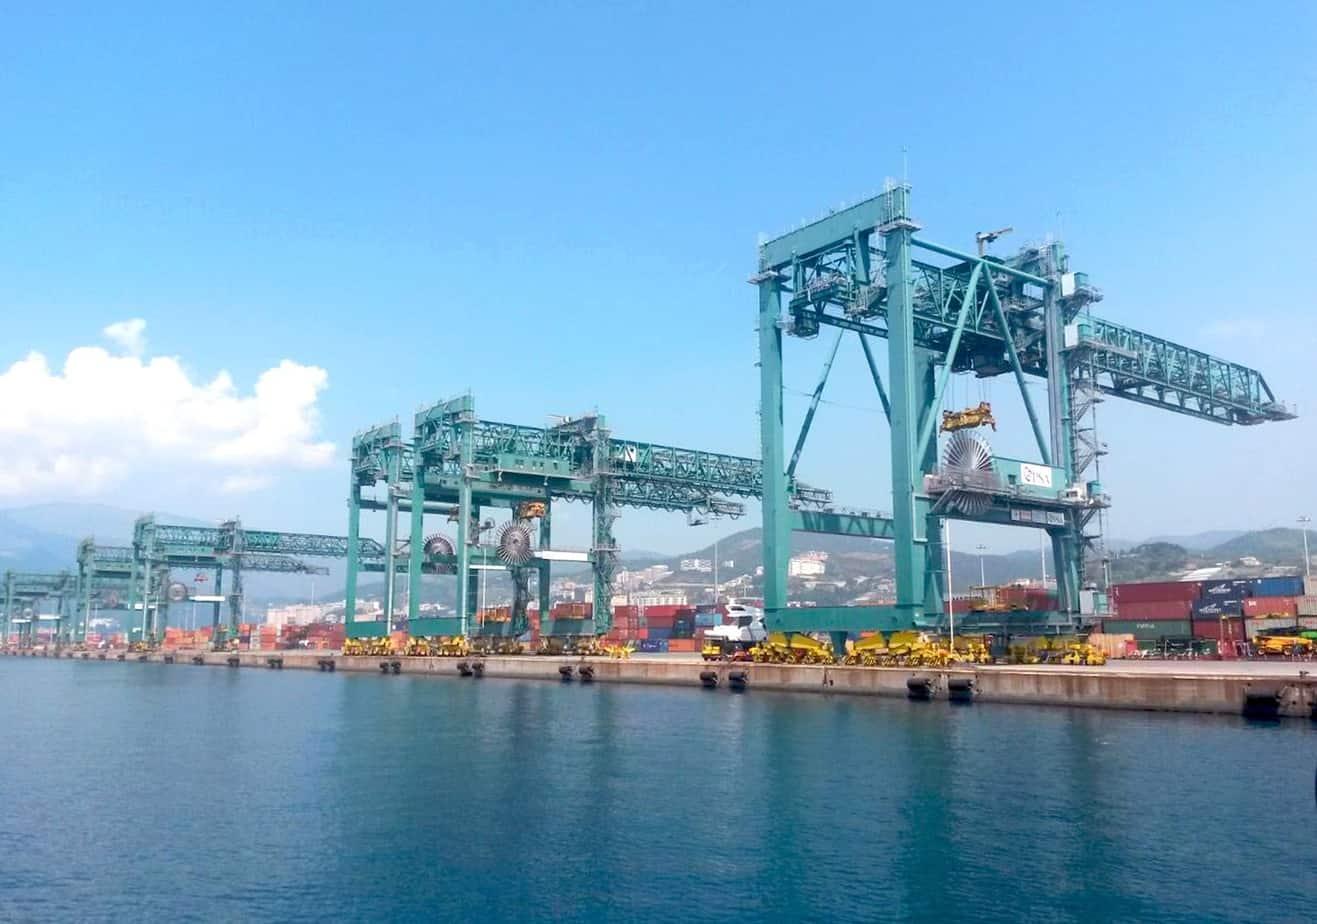 Vista del Voltri Terminal Europa SpA di Genova e del Terminal Contenitori Medcenter Container Terminal SpA di Gioia Tauro